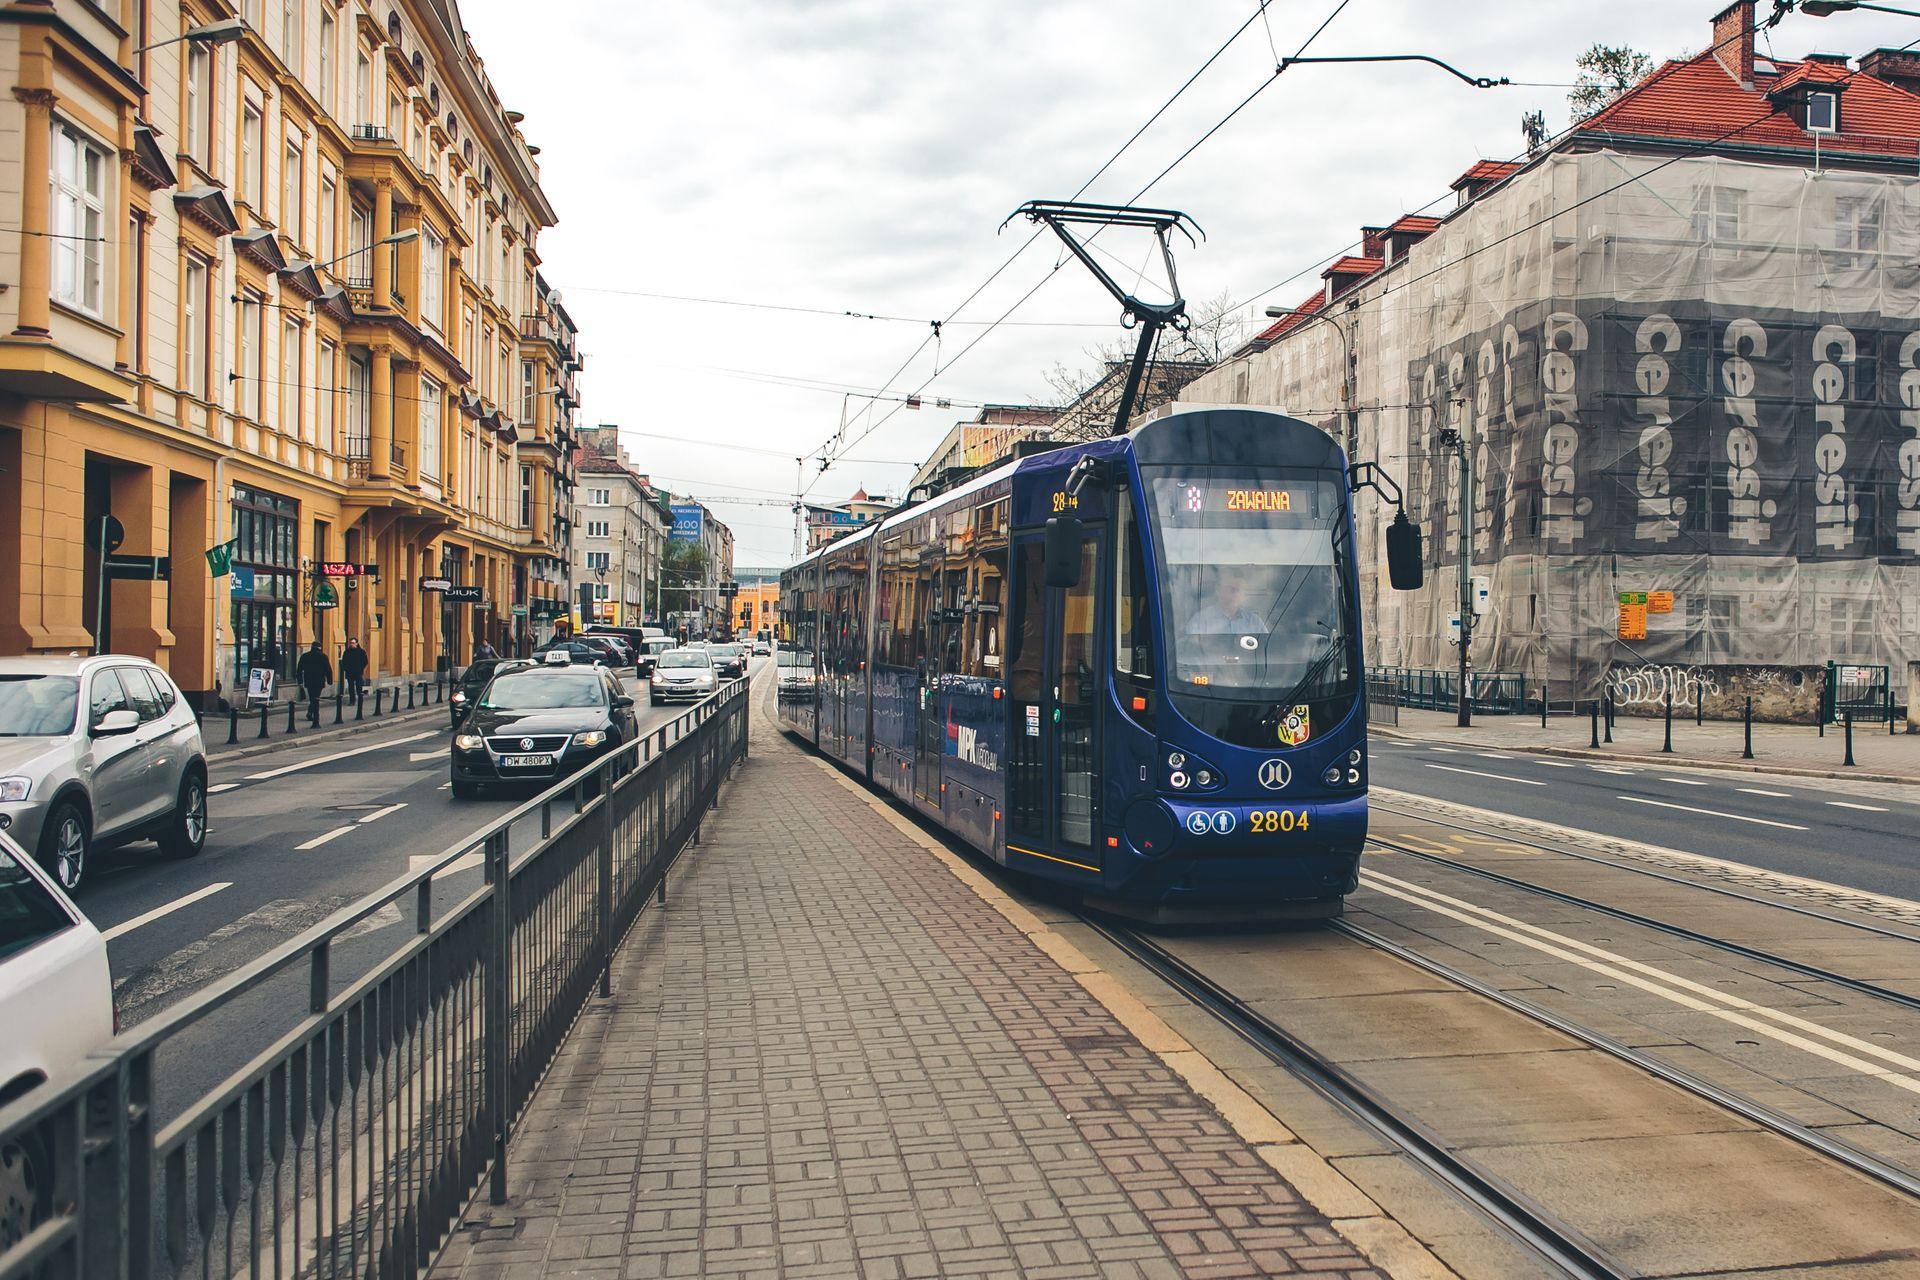 [Wrocław] MPK chce kupić 40 nowych tramwajów. Jest przetarg